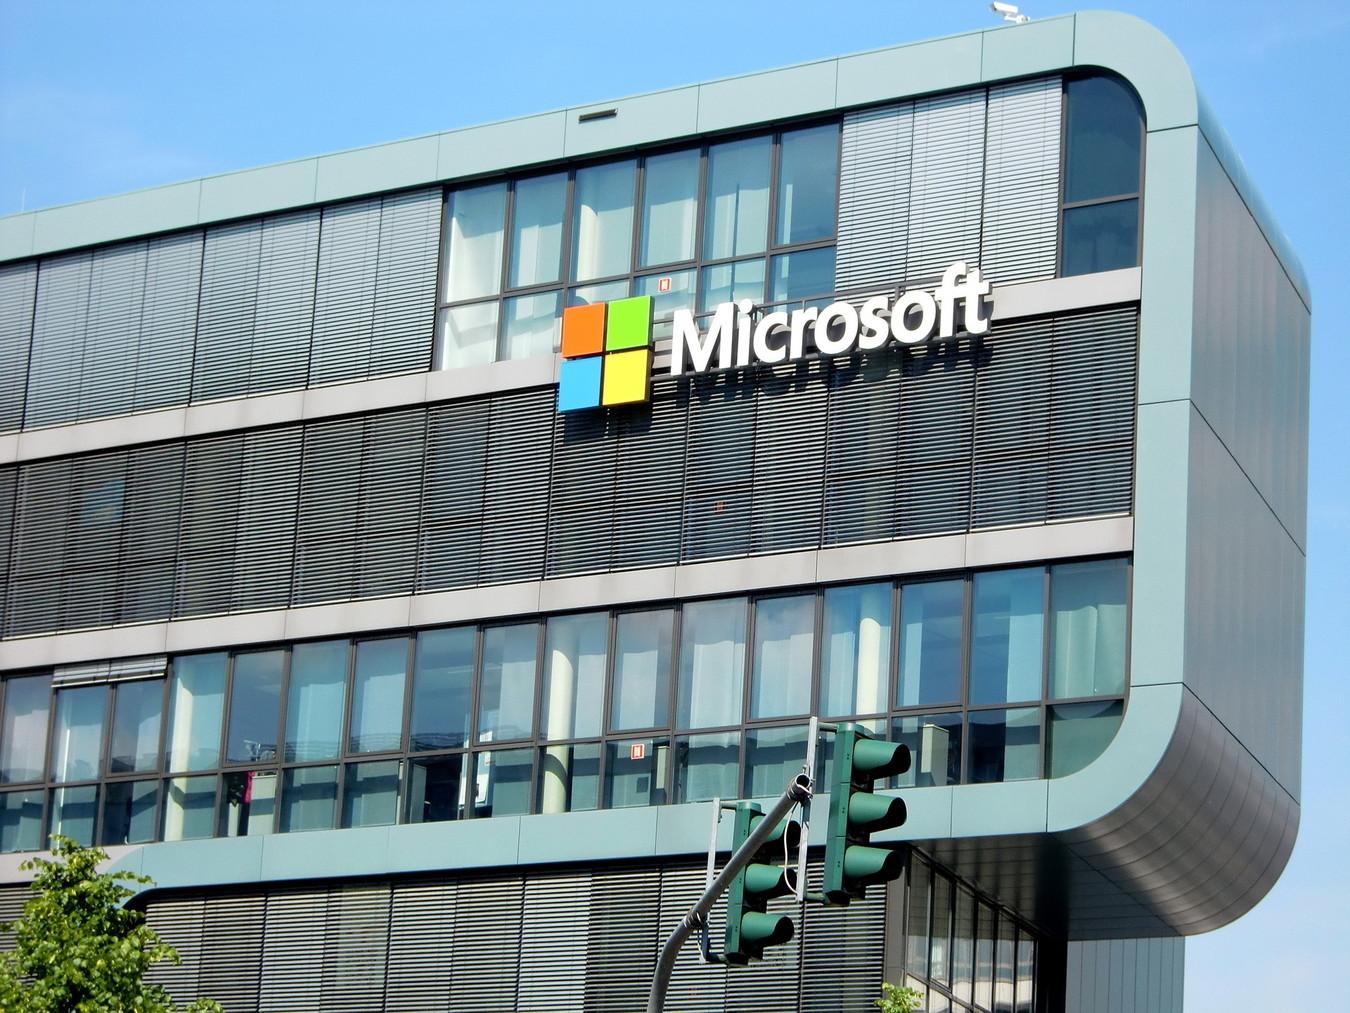 【衝撃】Windows7サポート終了に対する無知さと移行注意点